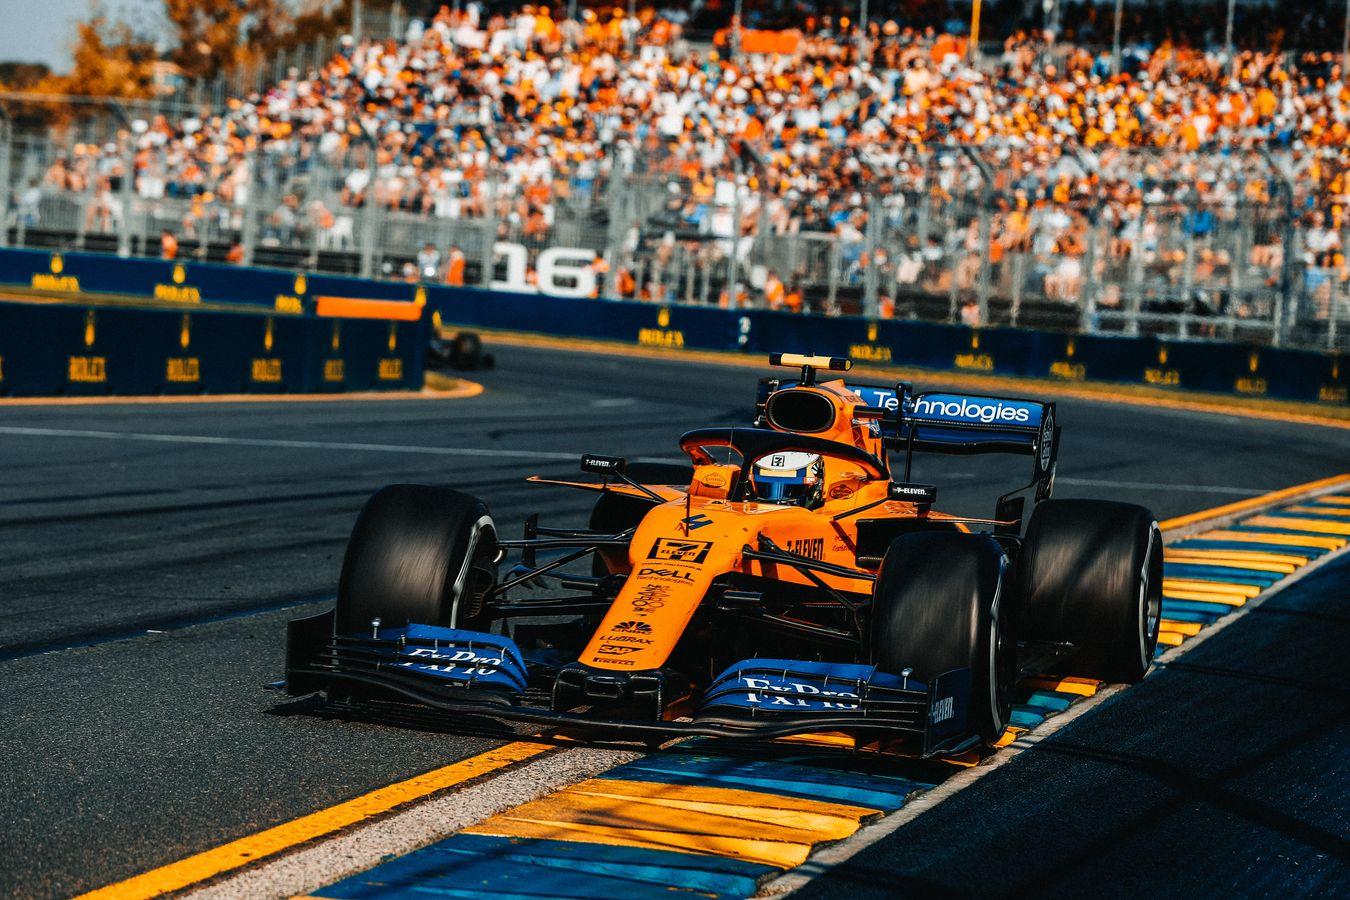 Mclaren Racing 2019 Australian Grand Prix